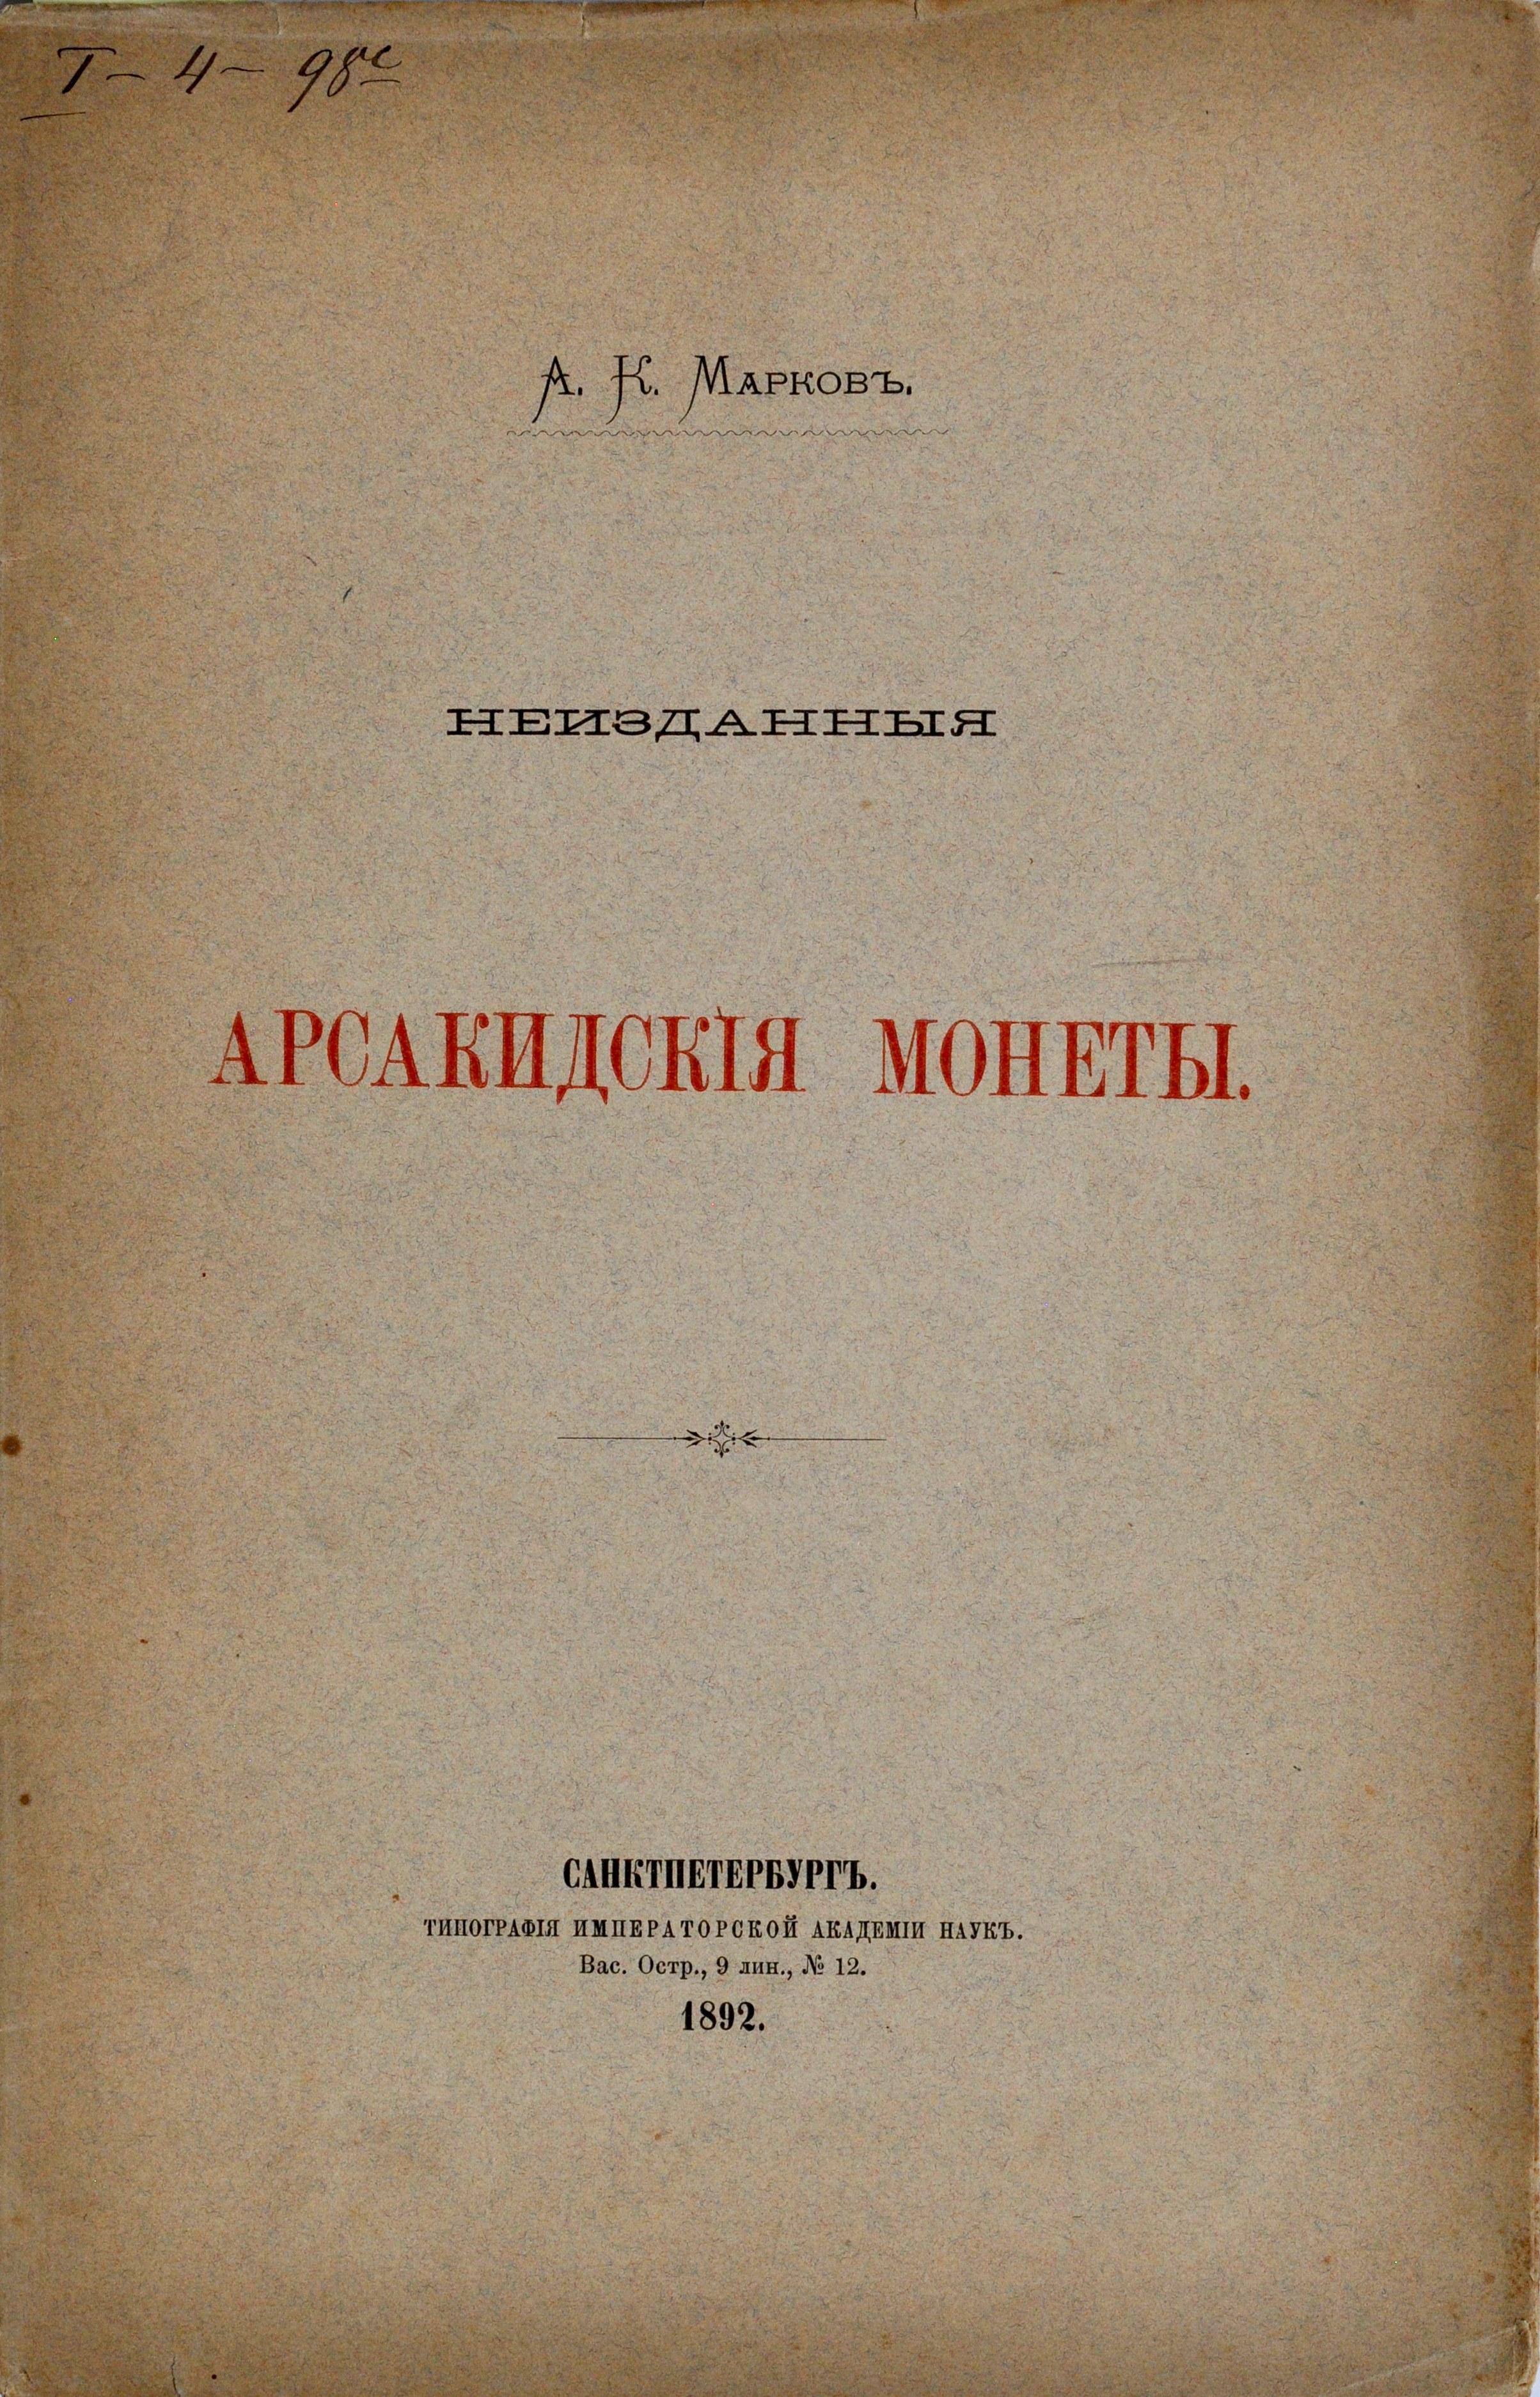 Марковъ А.К., Неизданныя арсакидския монеты, Санктпетербург 1892.